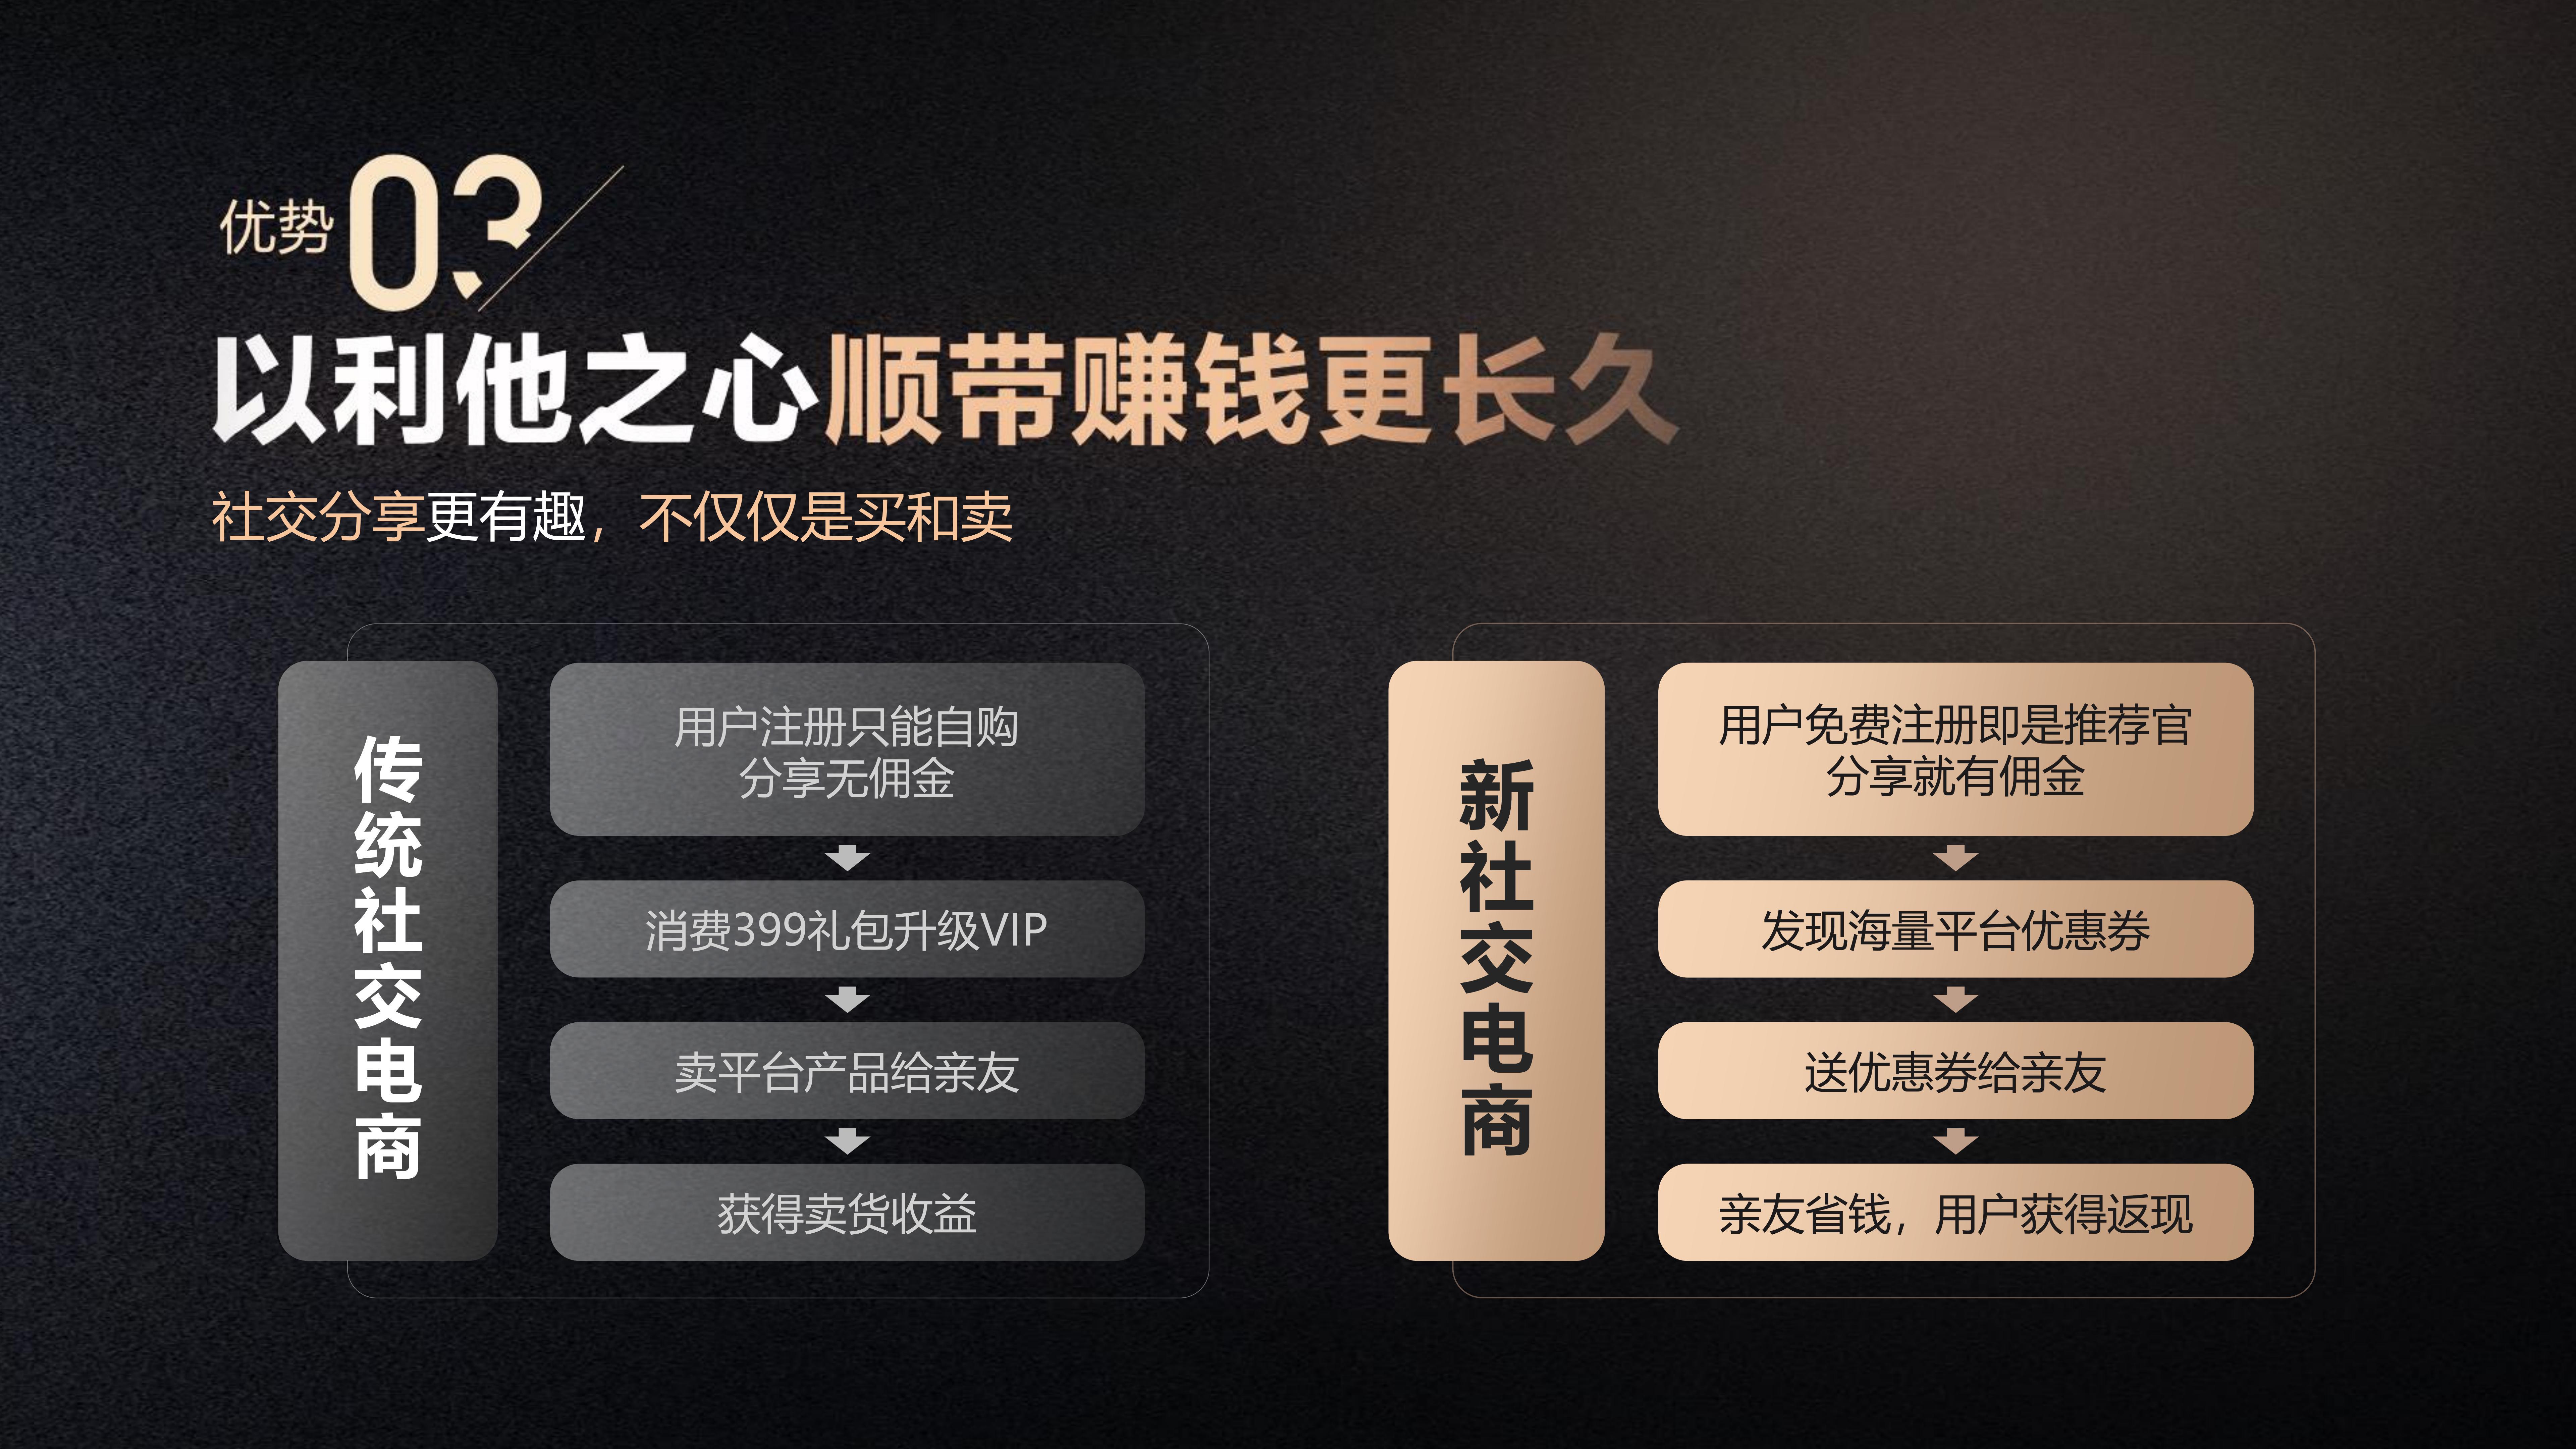 小白买买邀请码:MG657  小白买买是什么?